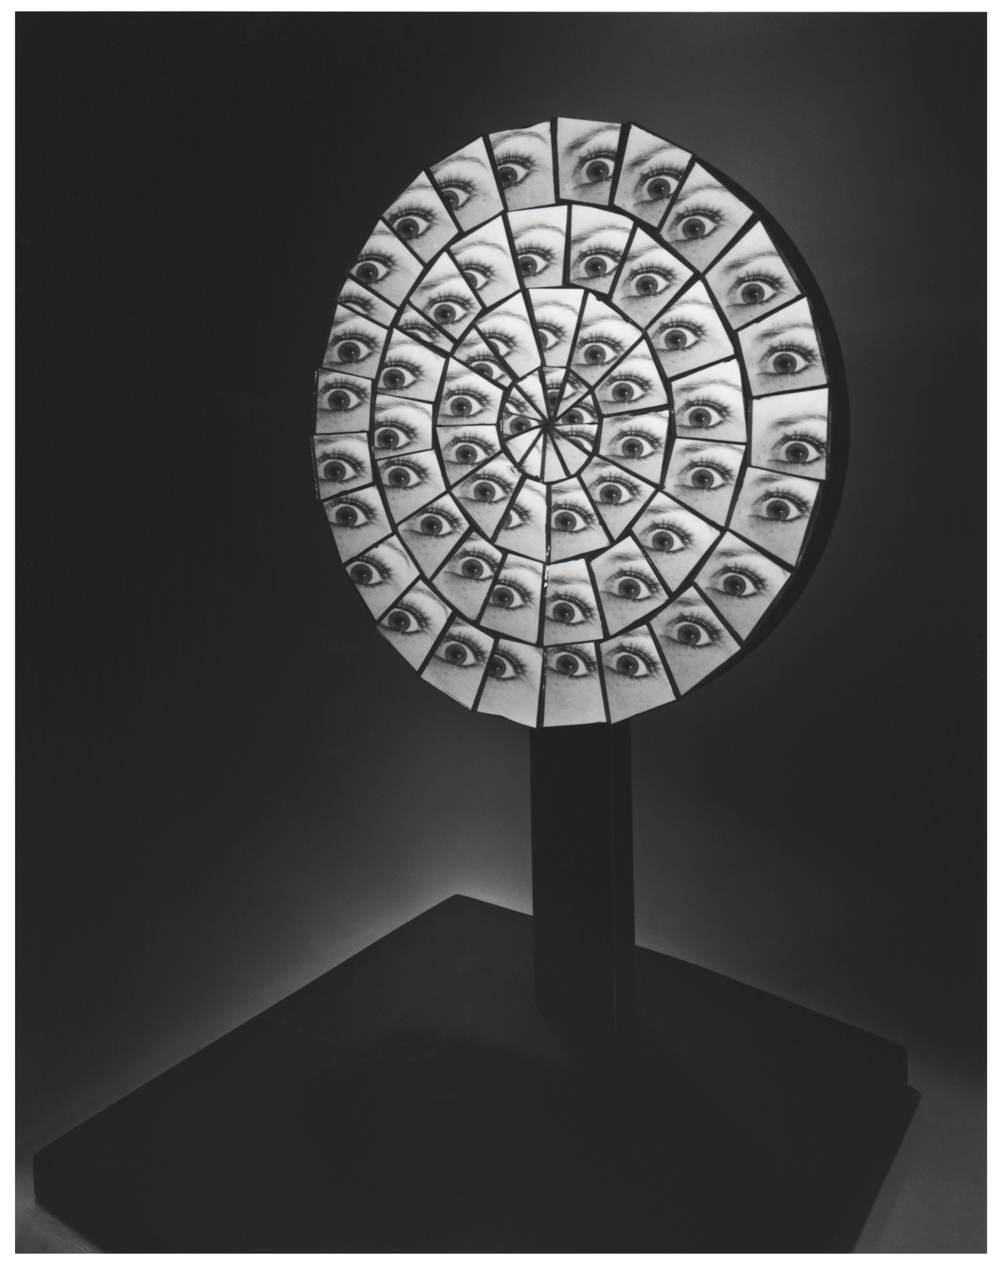 BERENICE ABBOTT,  Parabolic Mirror, 1958